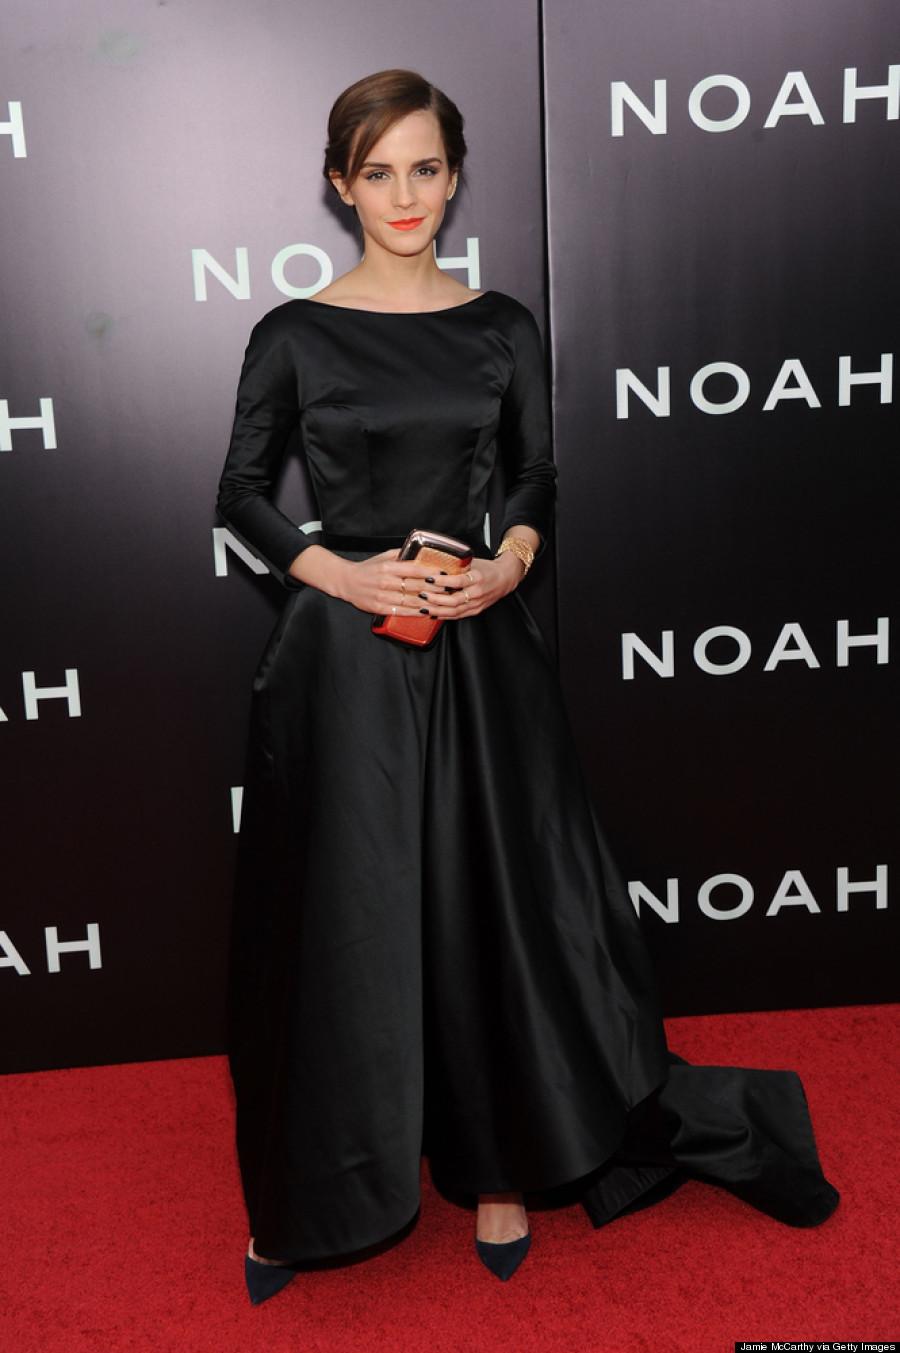 Emma Watsons Most Glamorous Look Yet In Oscar De La Renta PHOTOS